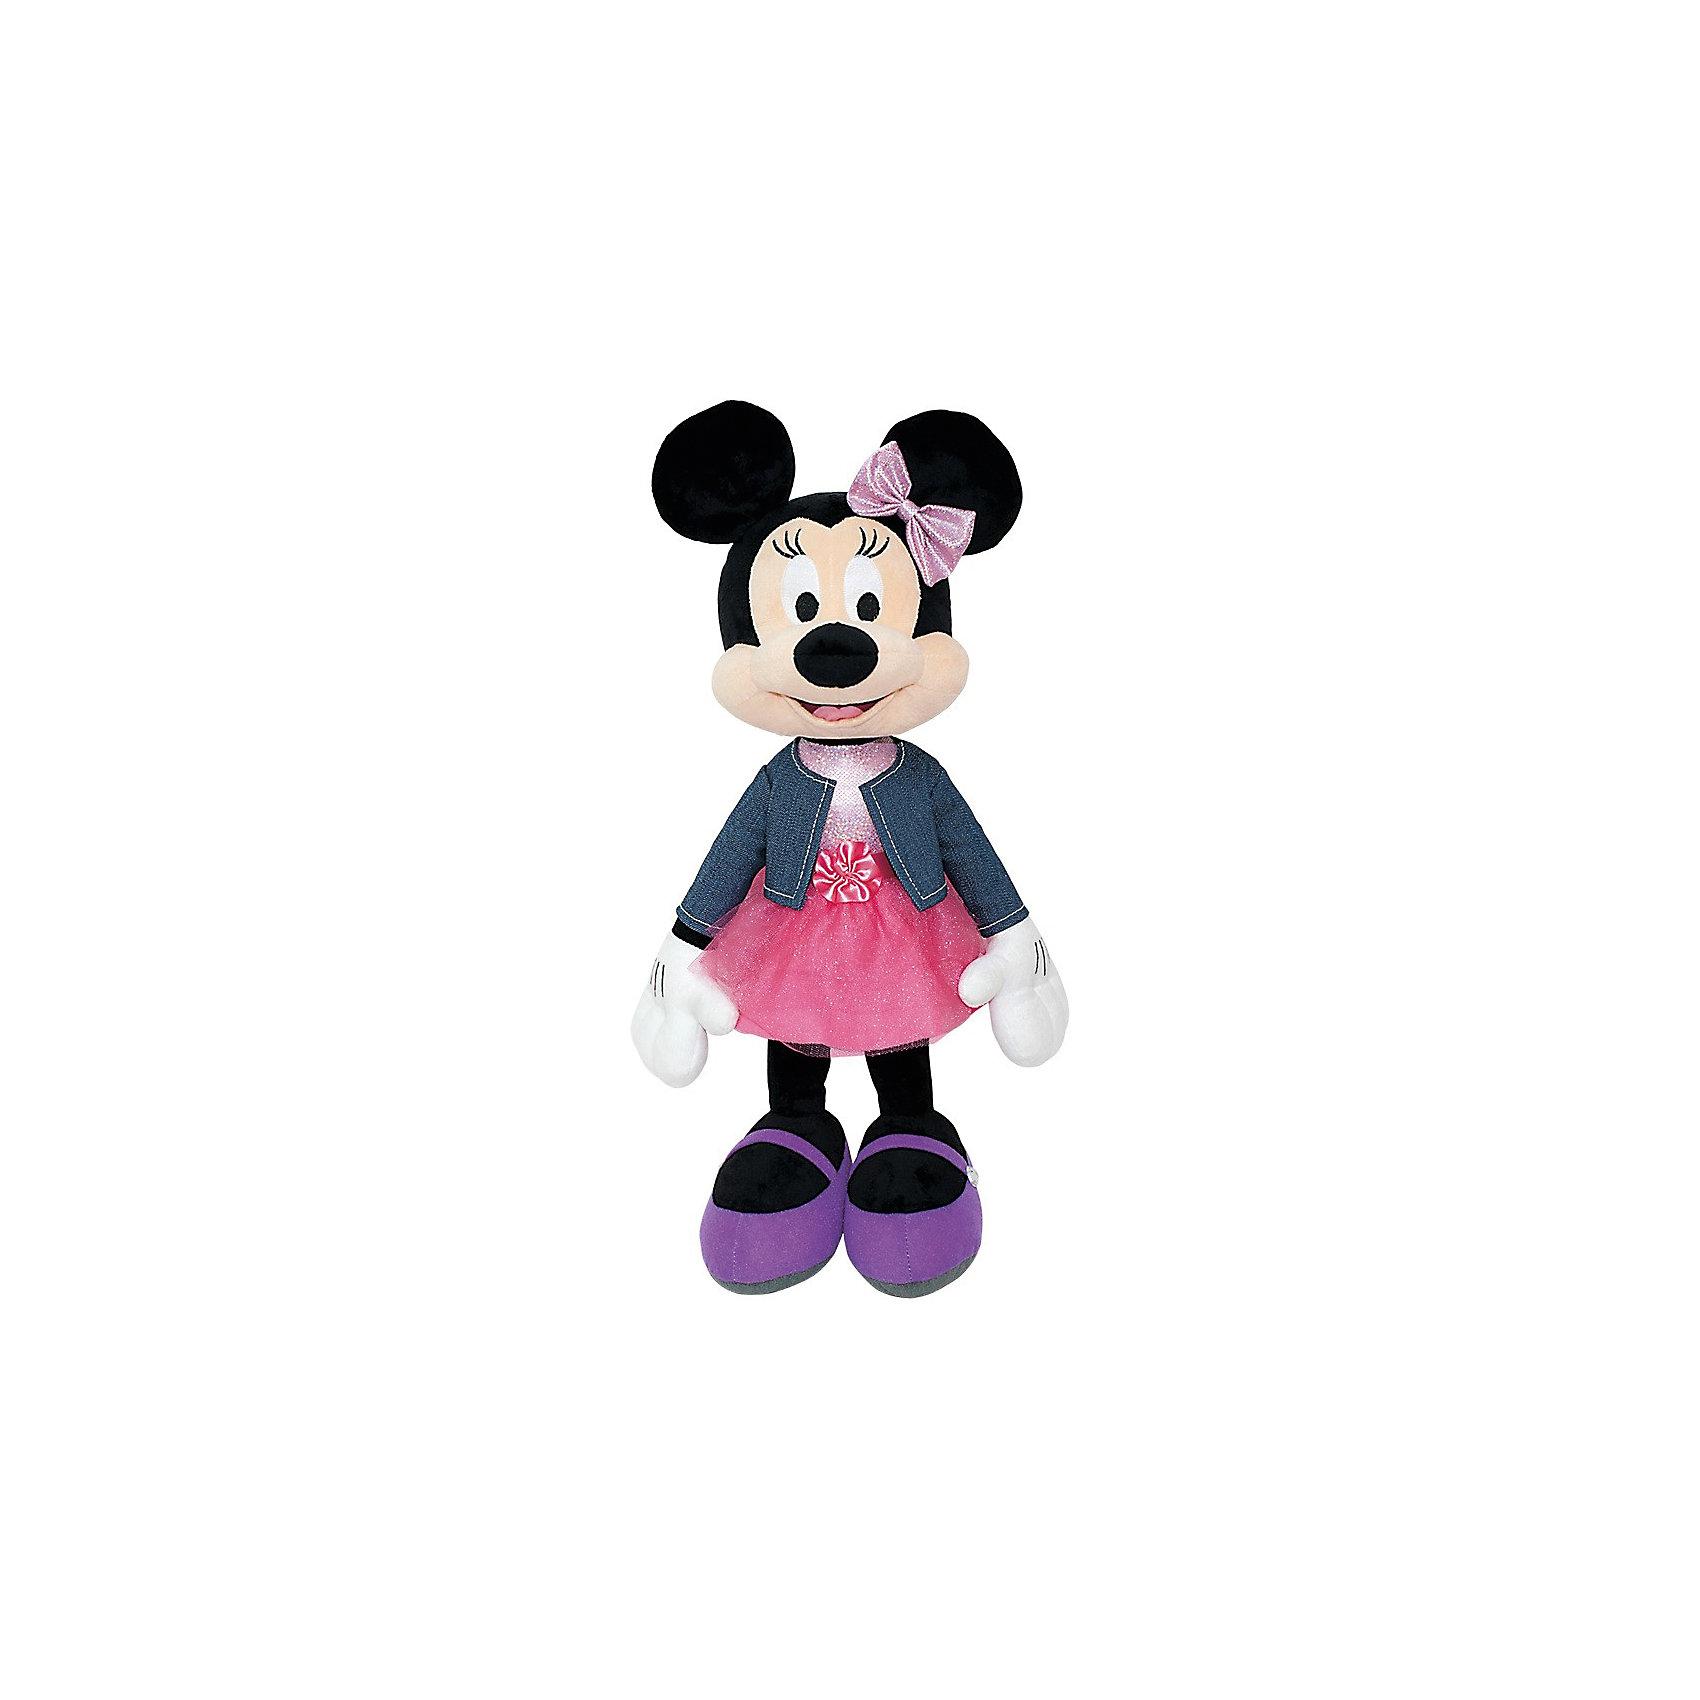 Мягкая игрушка Минни Маус, Dream makersЛюбимые герои<br>Характеристики:<br><br>• высота игрушки: 35 см;<br>• особенности: звуковые эффекты;<br>• материал: плюш, текстиль, синтетический наполнитель. <br><br>Мягкая мышка Минни Маус говорит фразы из мультфильма. Улыбчивая героиня Дисней одета в джинсовый жакет и пышную юбочку. С мышкой можно играть и даже «общаться».<br><br>Мягкую игрушку Минни Маус, Dream makers можно купить в нашем магазине.<br><br>Ширина мм: 230<br>Глубина мм: 230<br>Высота мм: 350<br>Вес г: 420<br>Возраст от месяцев: 36<br>Возраст до месяцев: 2147483647<br>Пол: Женский<br>Возраст: Детский<br>SKU: 5268985